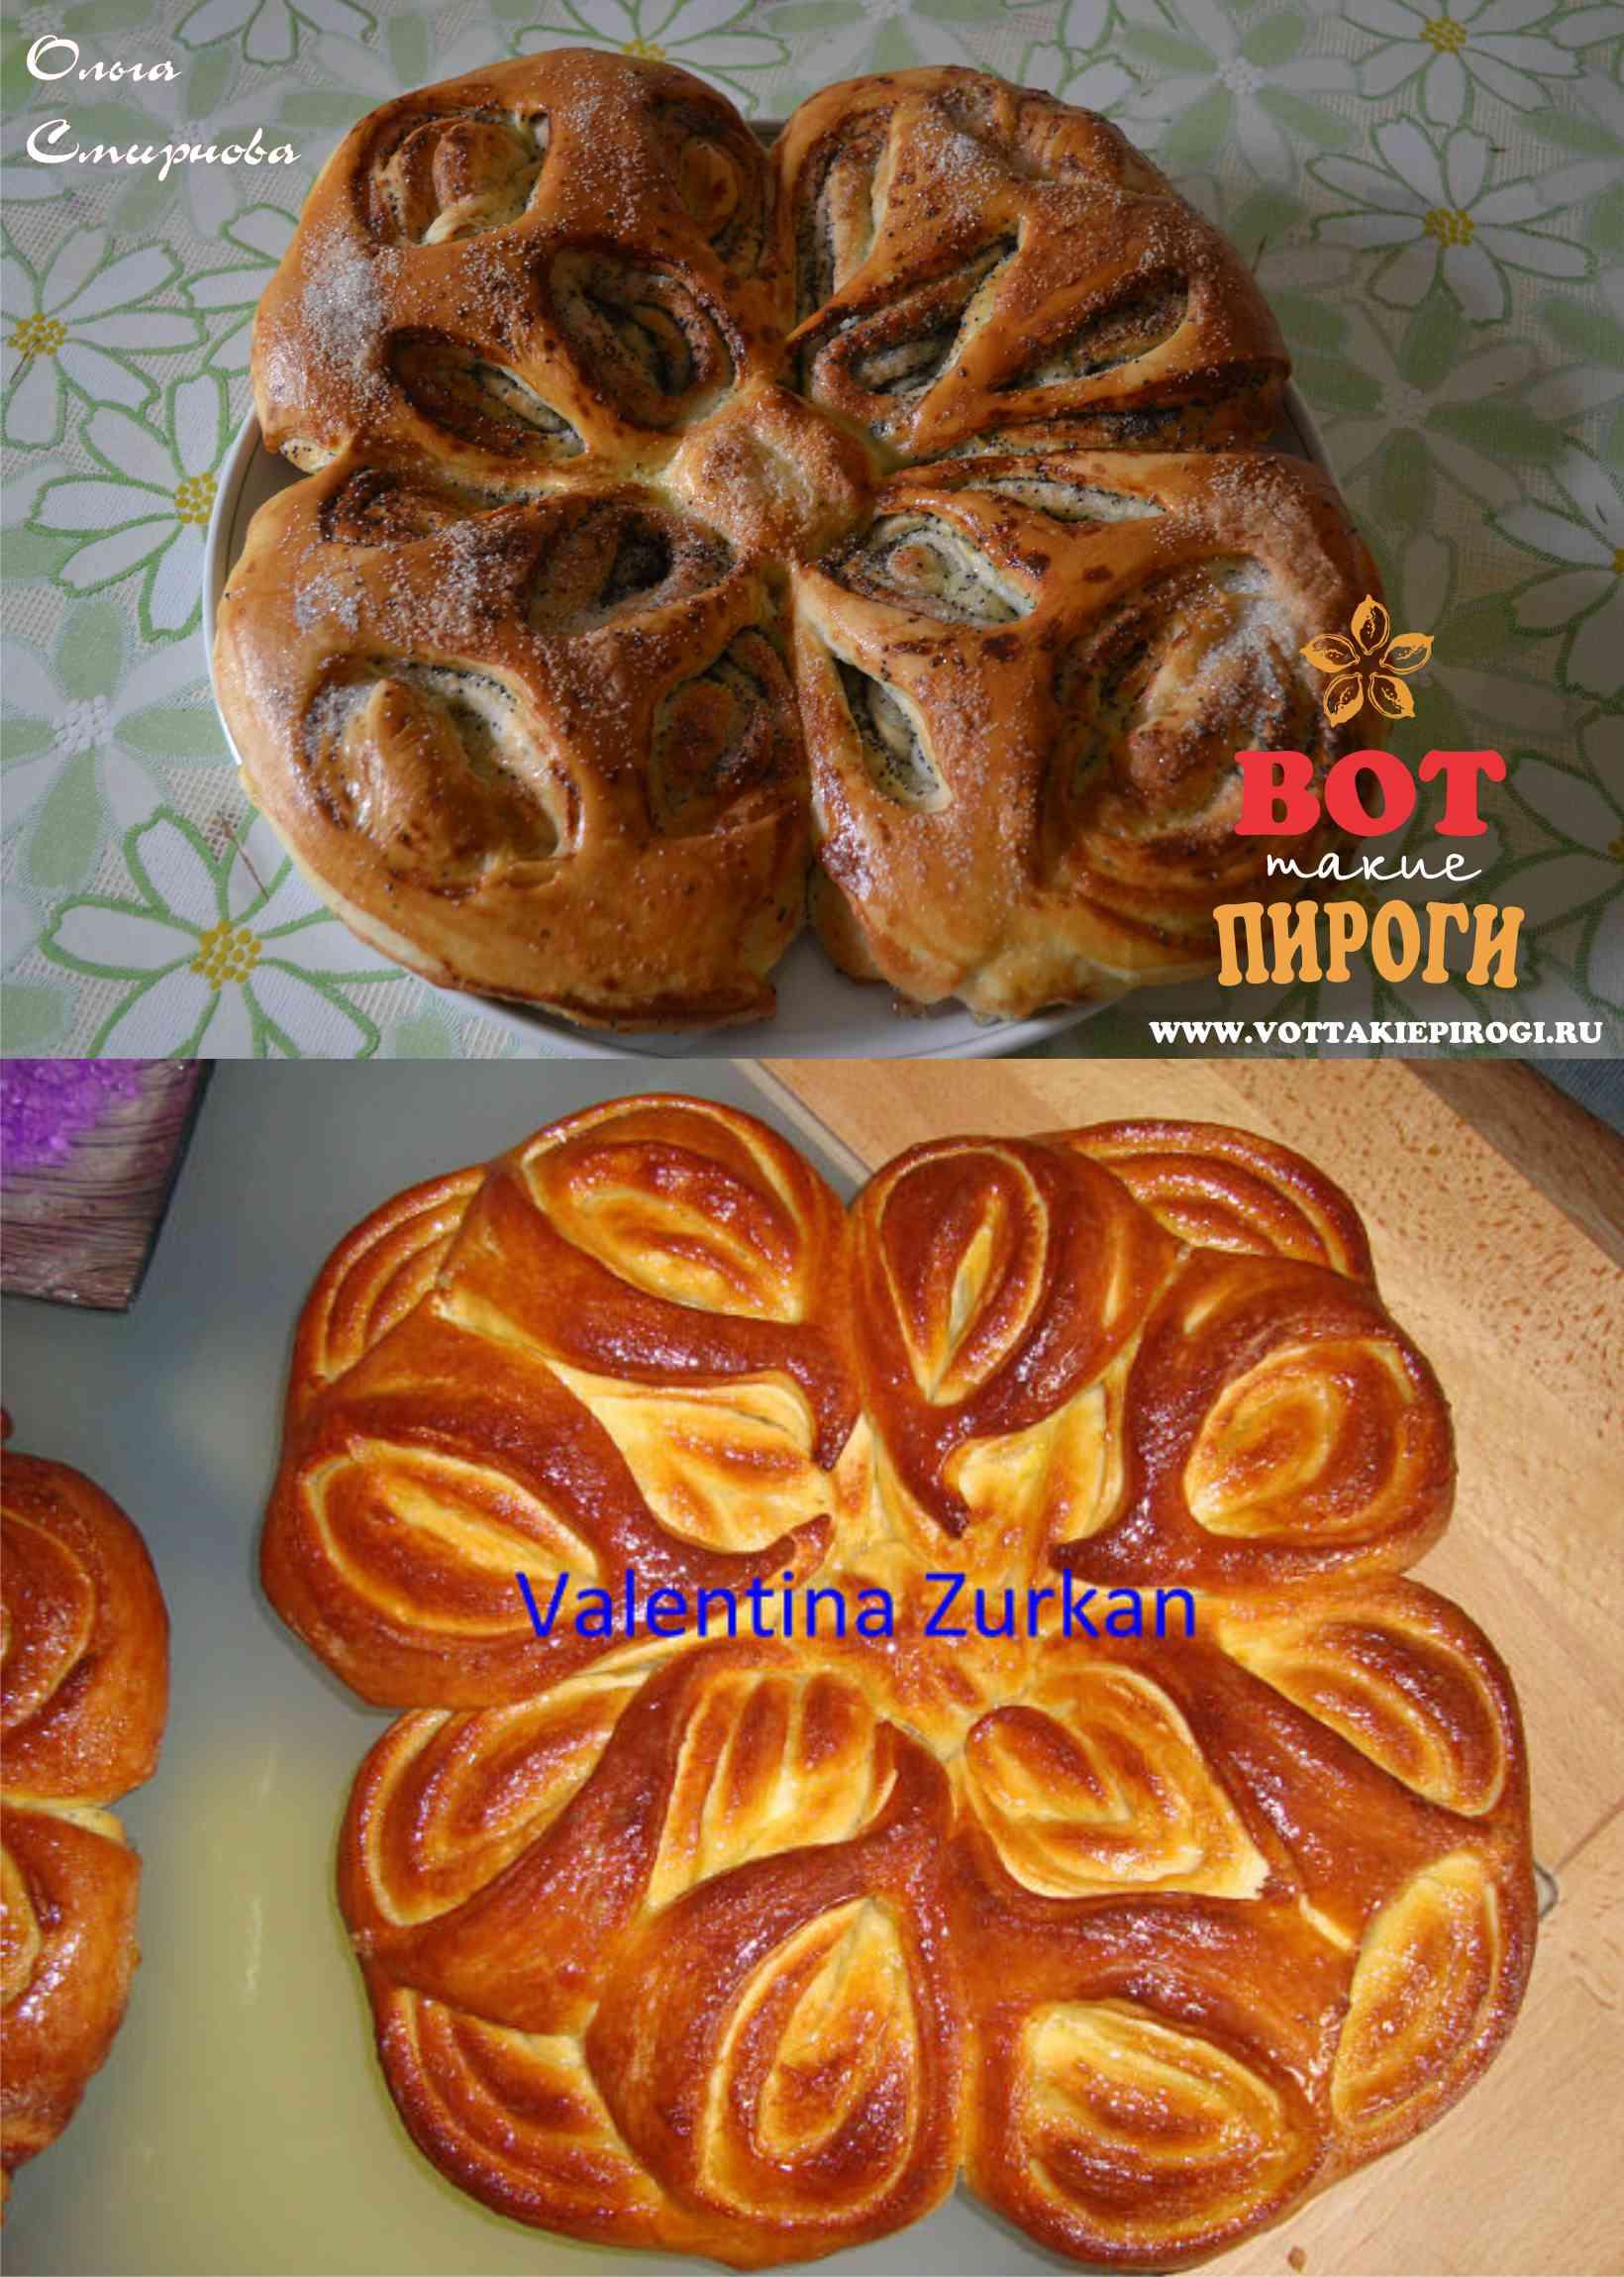 Вот такие пироги Валентины Цуркан